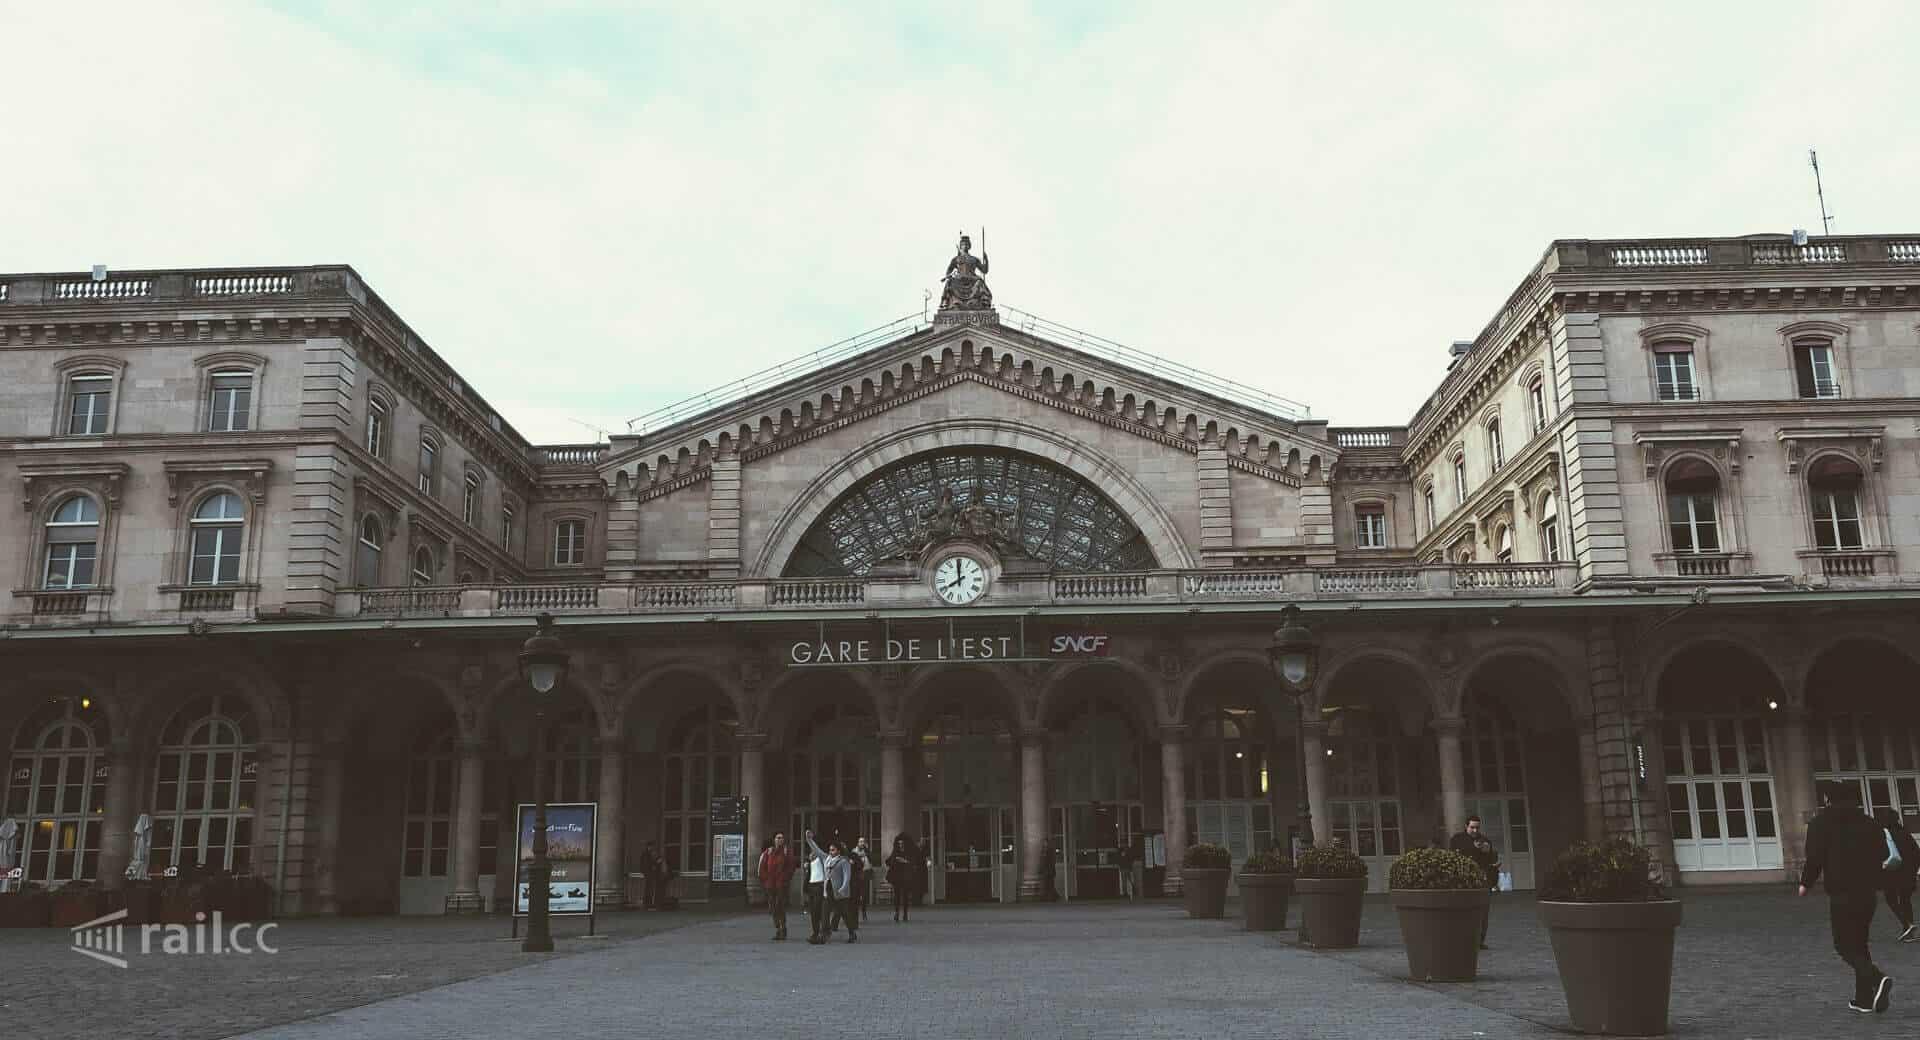 Paris Gare de l'Est railway station.